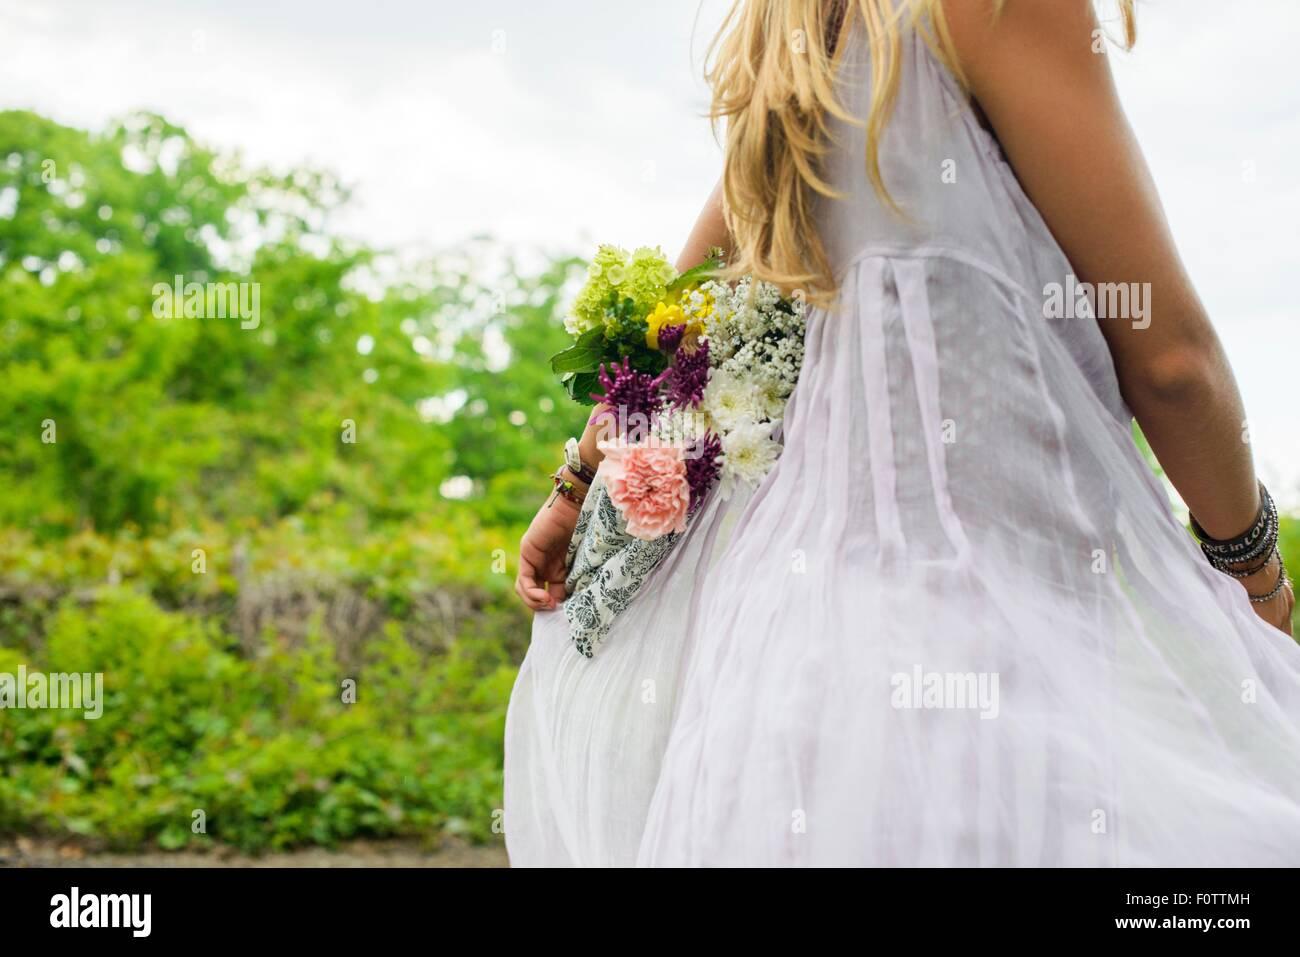 Ritagliato colpo di giovane donna indossa abito bianco che trasportano mazzo di fiori dietro la schiena Immagini Stock